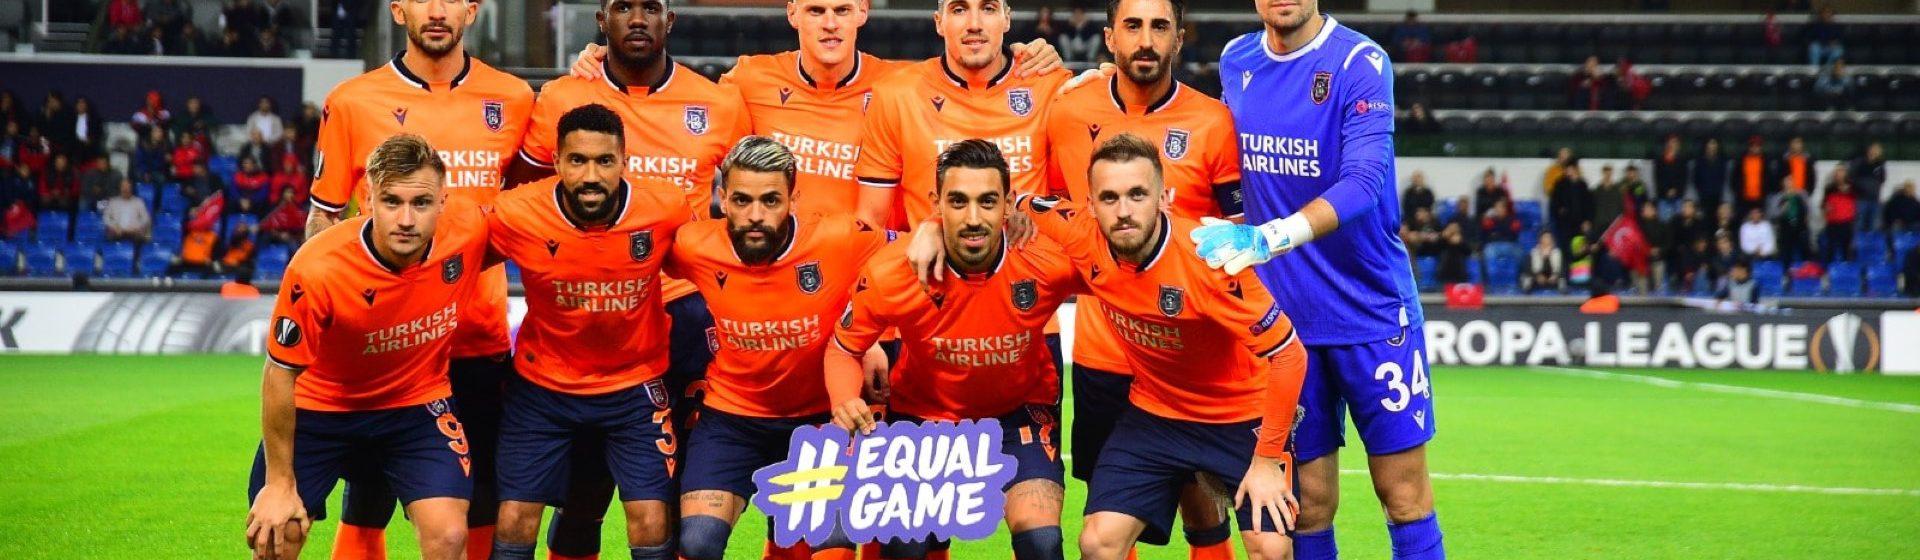 İstanbul Başakşehir FK header